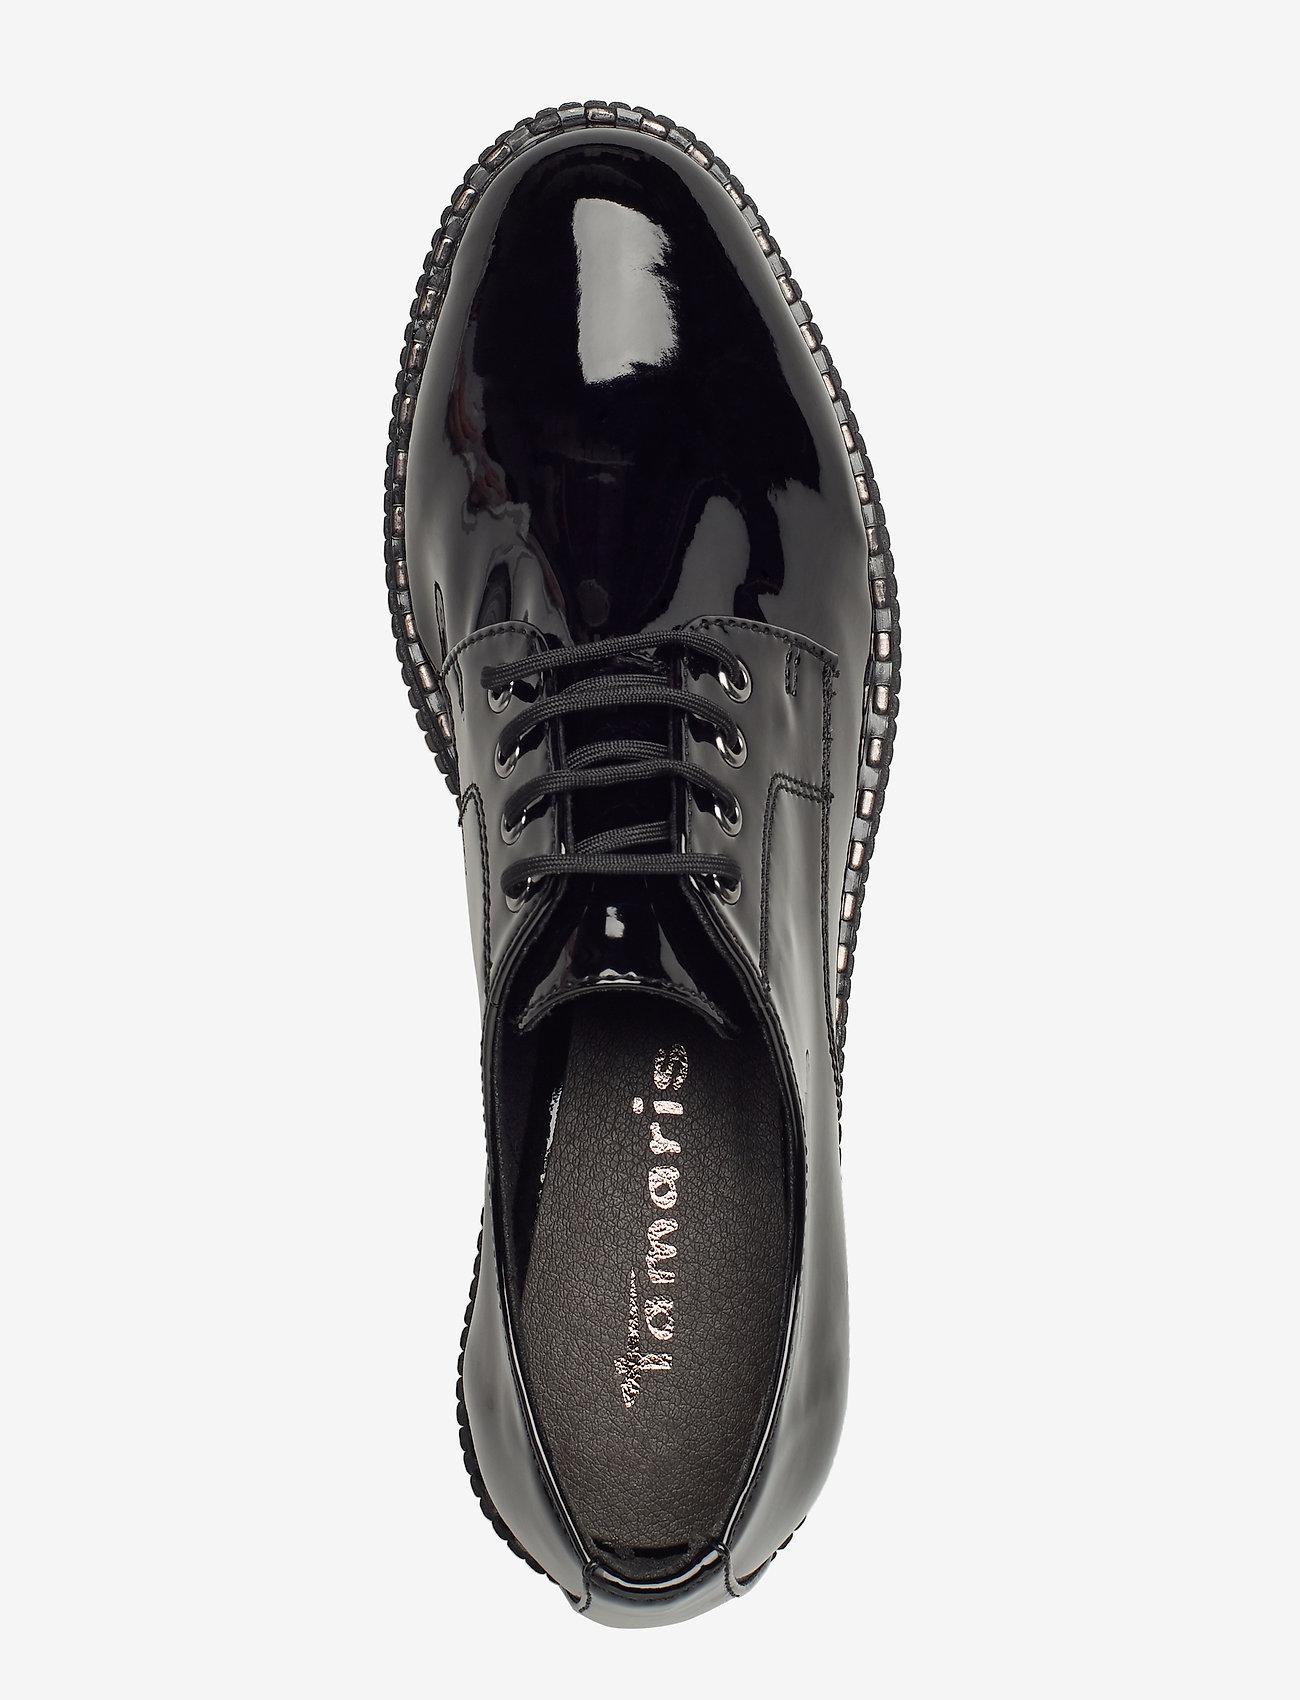 Woms Lace-up (Black Patent) (499 kr) - Tamaris